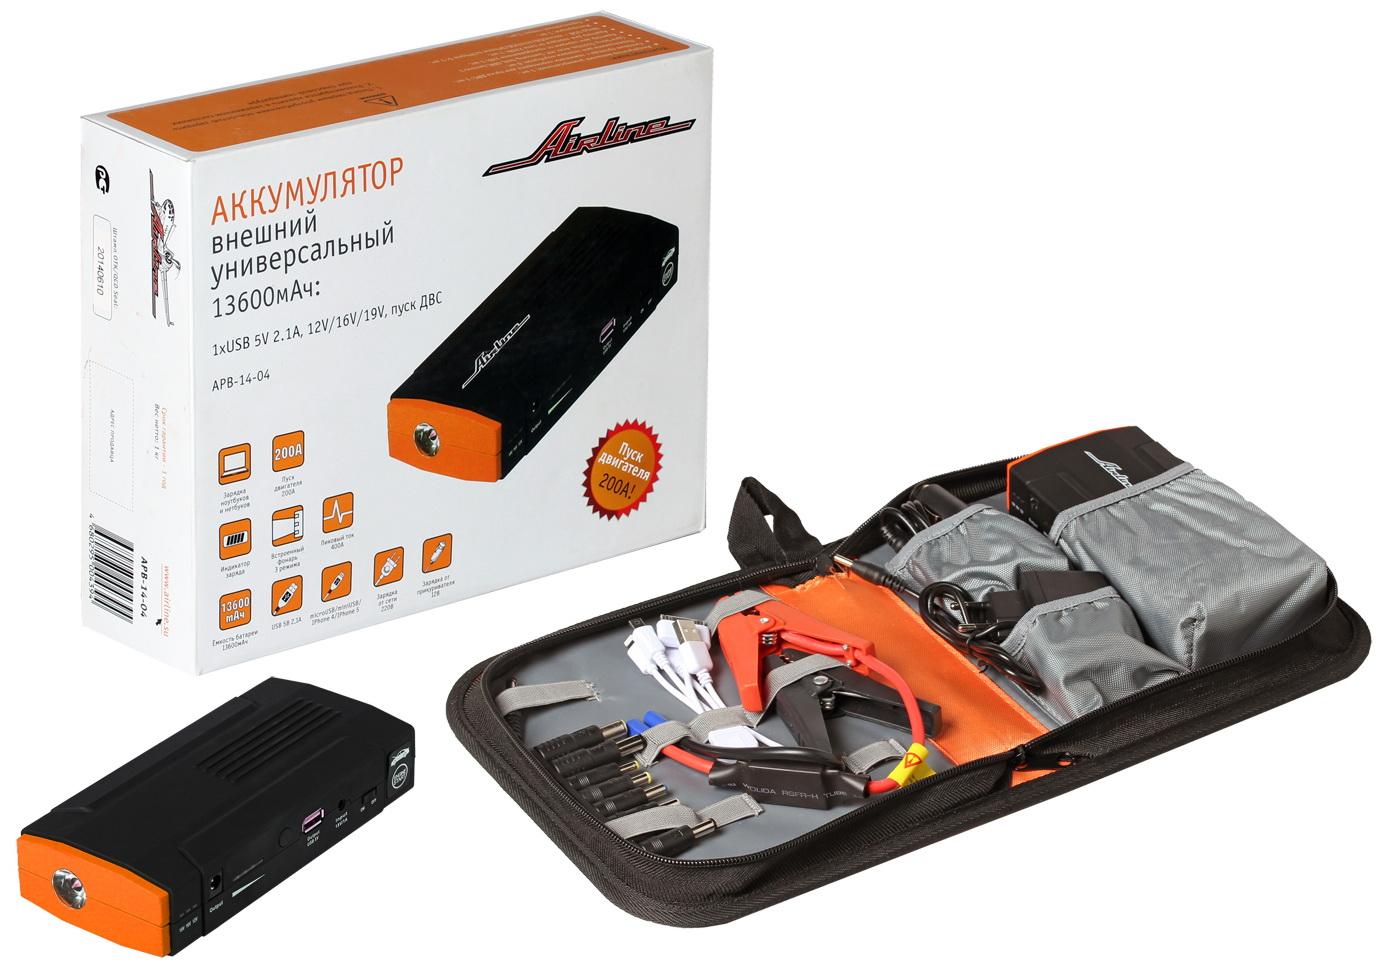 Аккумулятор внешний универсальный 13600мАч: 1хUSB 5V 2.1A, 12V/16V/19V, пуск ДВС APB-14-04